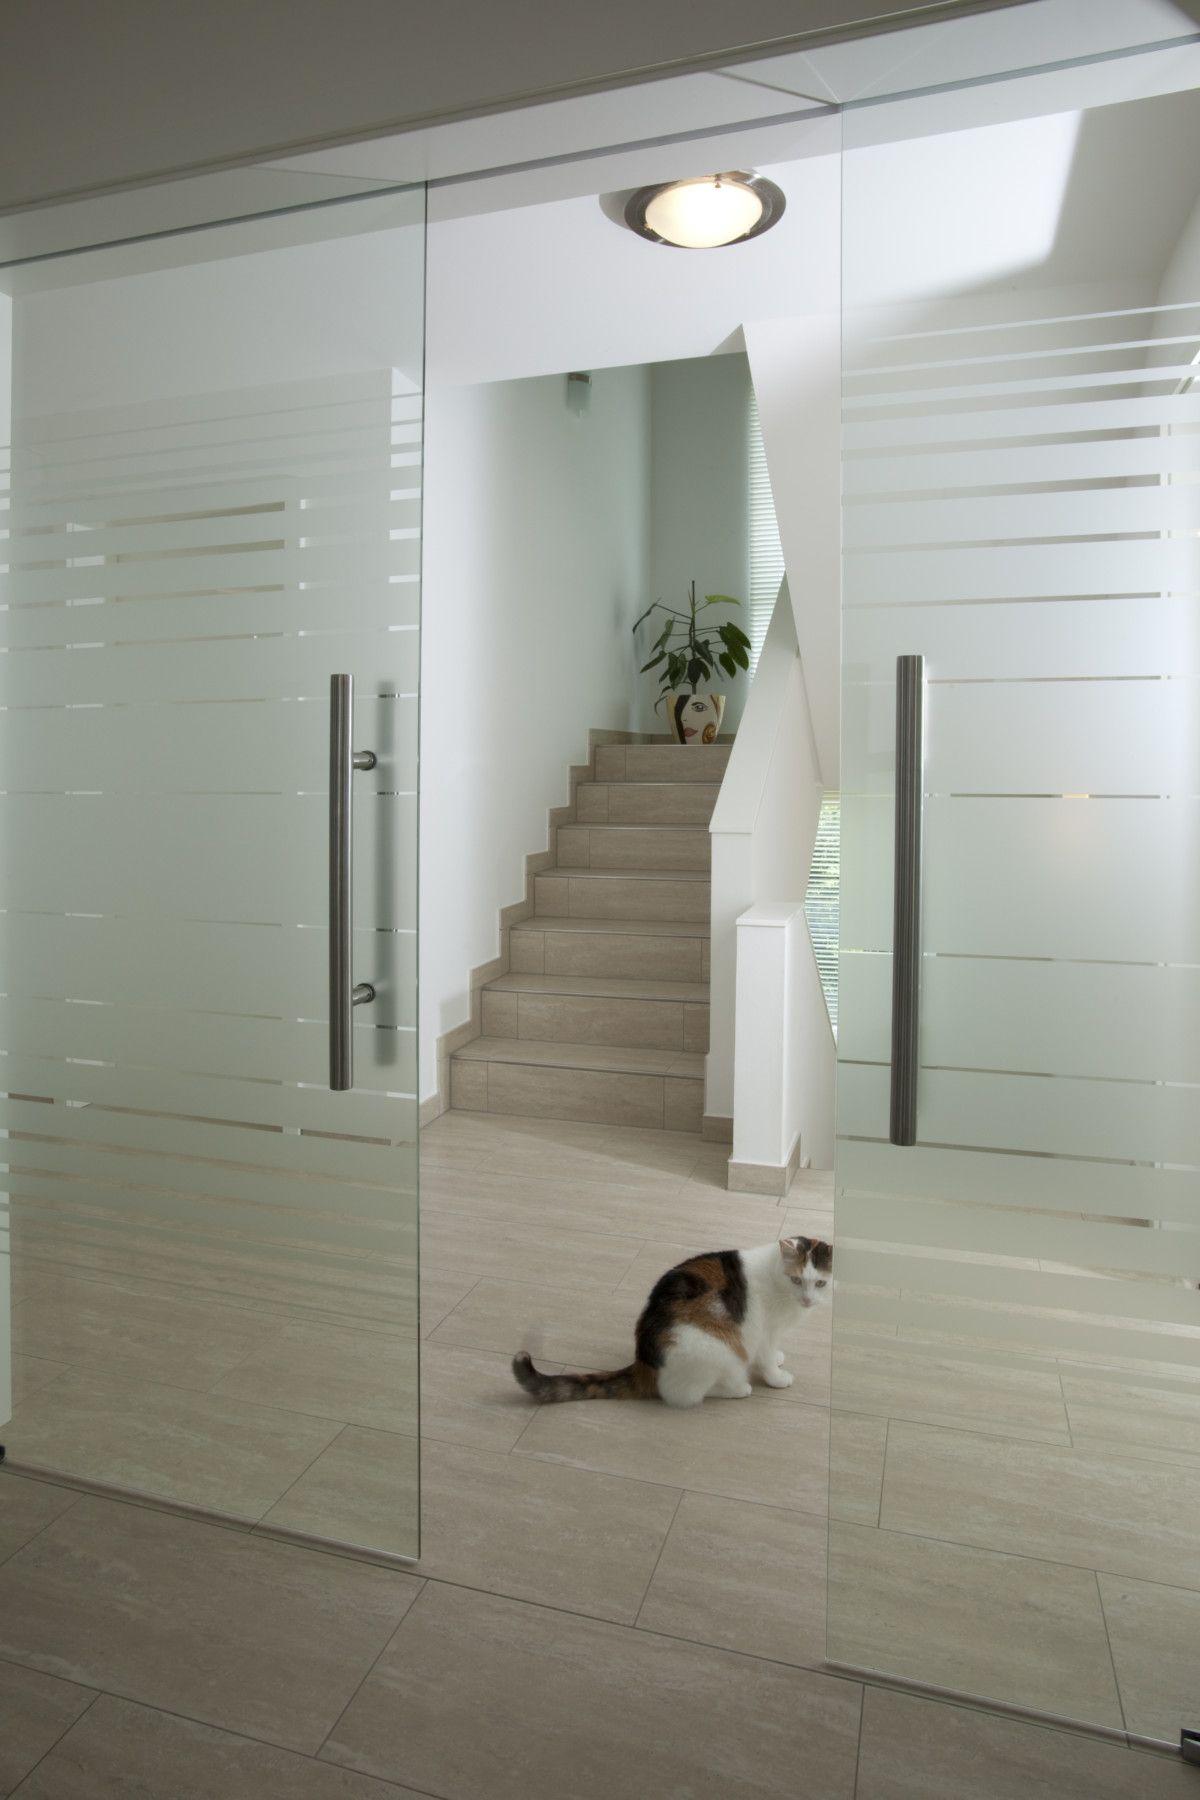 Innentüren modern als Schiebetür mit Glas raumhoch - Architektur Detail Schiebetüren Baumeister-Haus Hoffmann - HausbauDirekt.de #eingangsbereichhausinnen